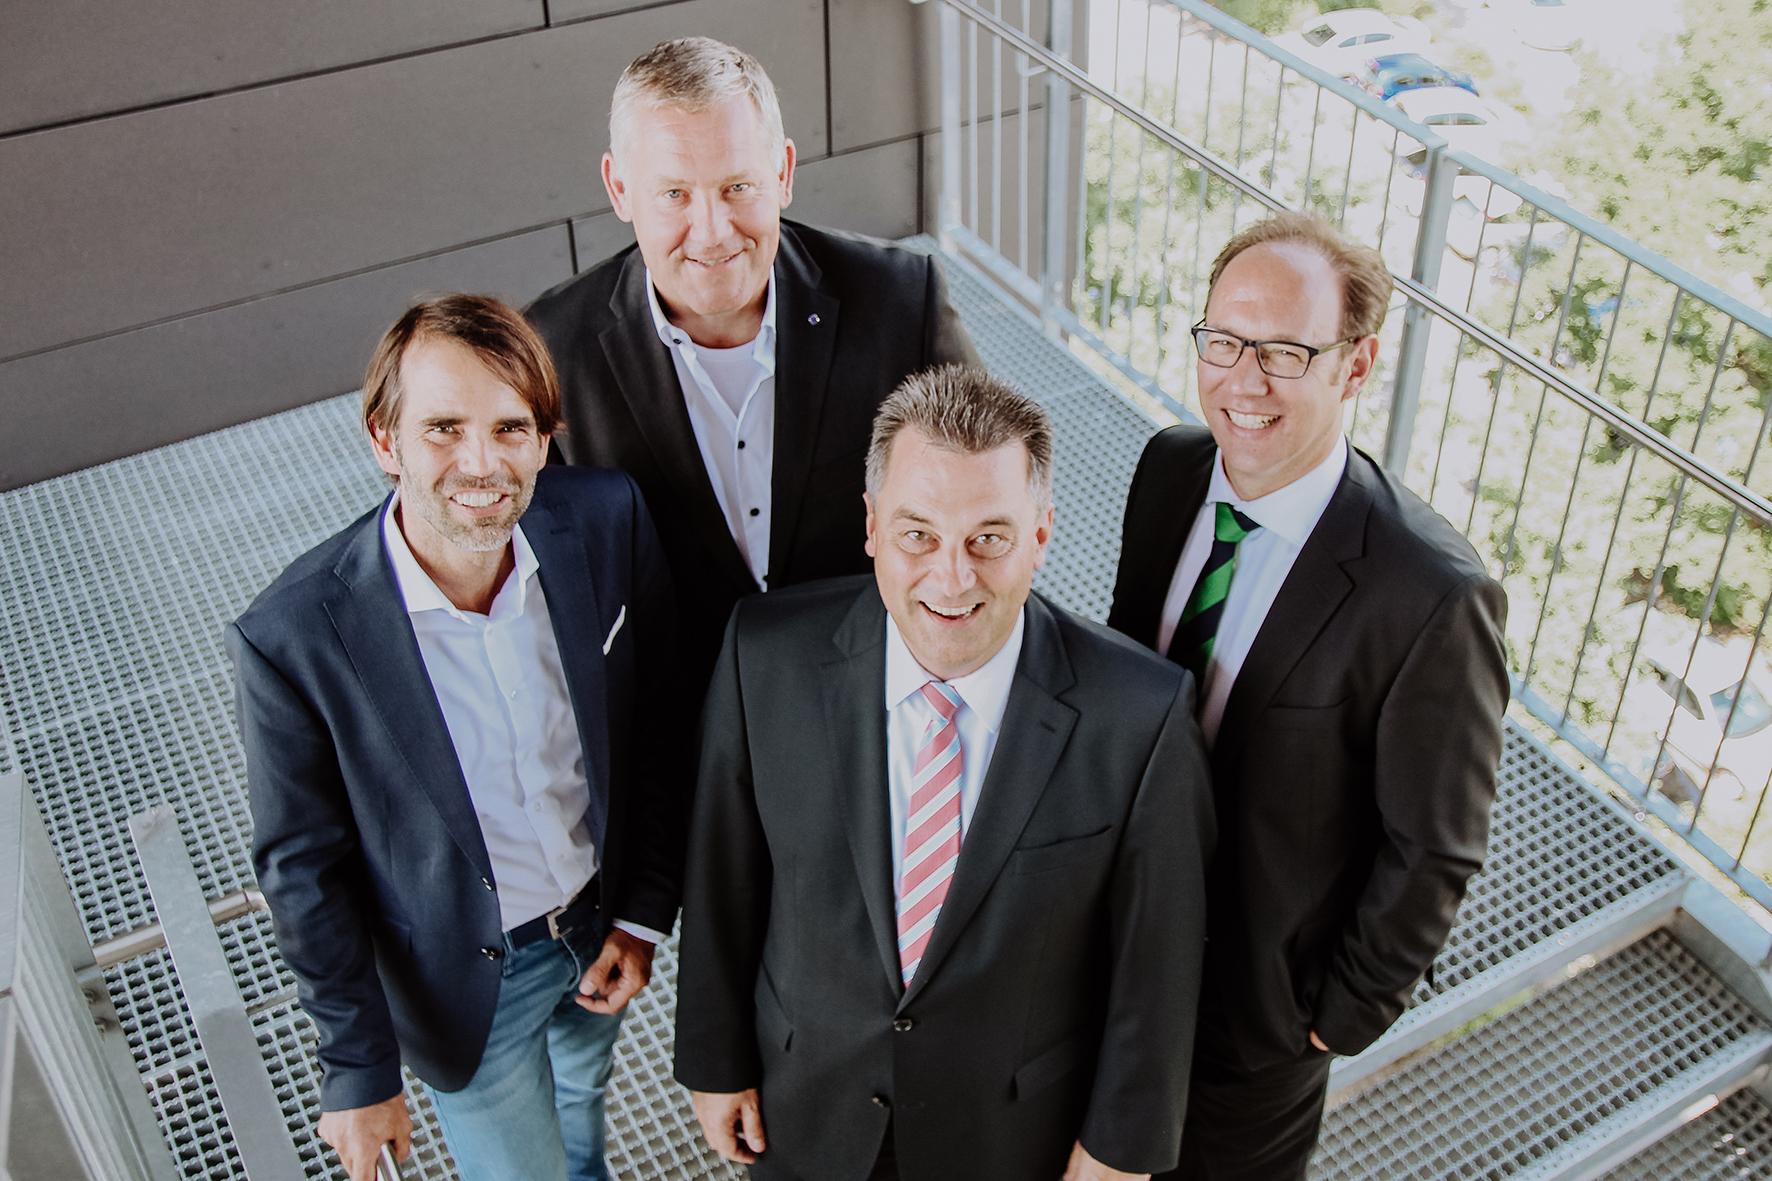 Gruppenfoto der vier Vorstandsmitglieder des Instituts für Prozessmanagement und Digitale Transformation